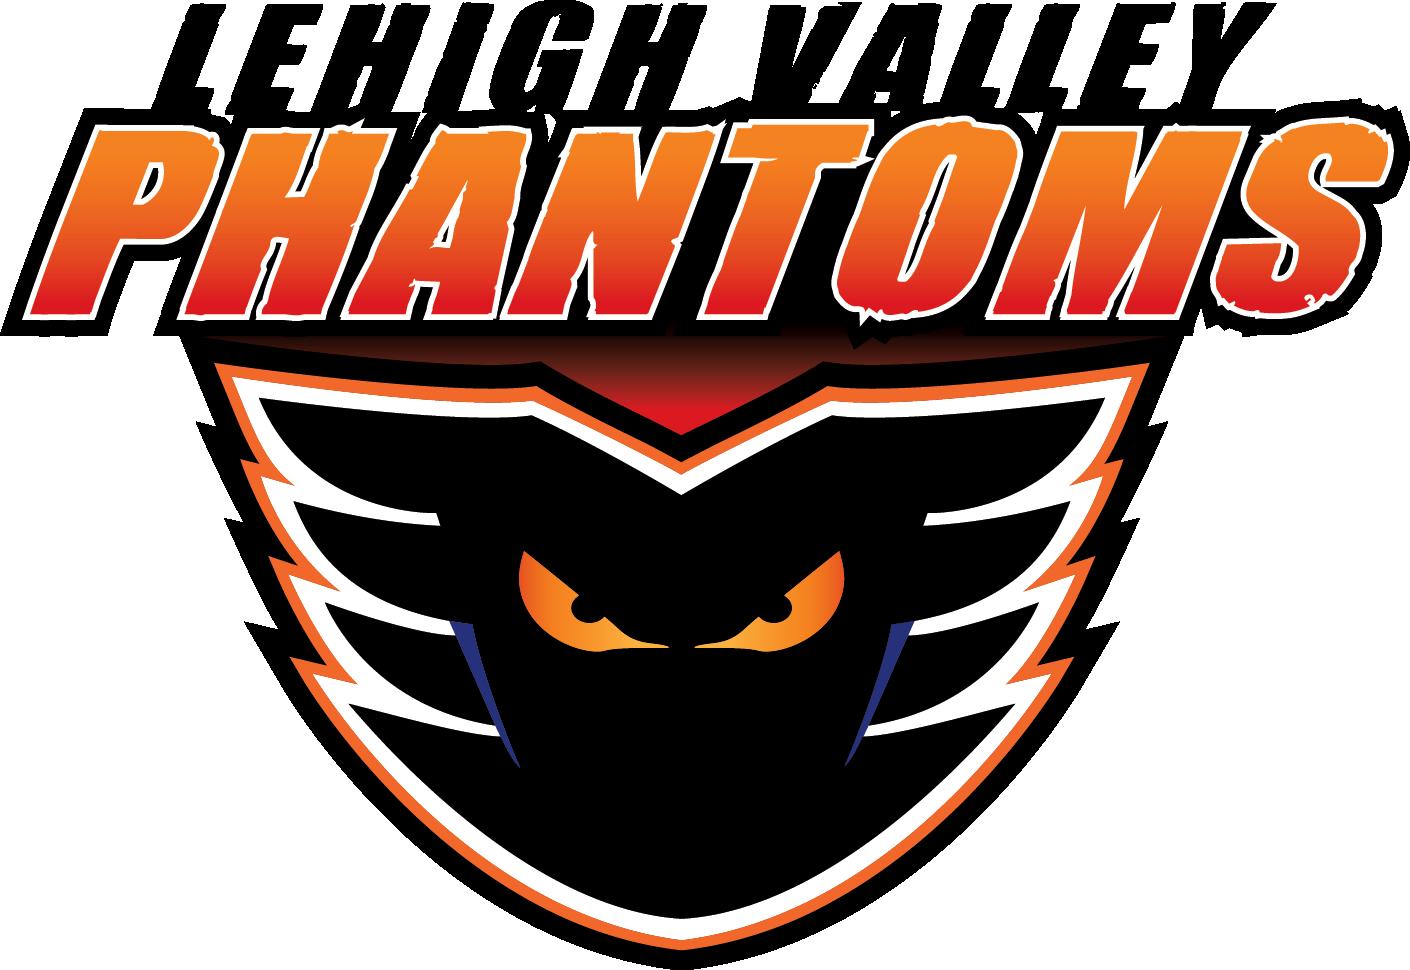 Lehigh Valley Phantoms